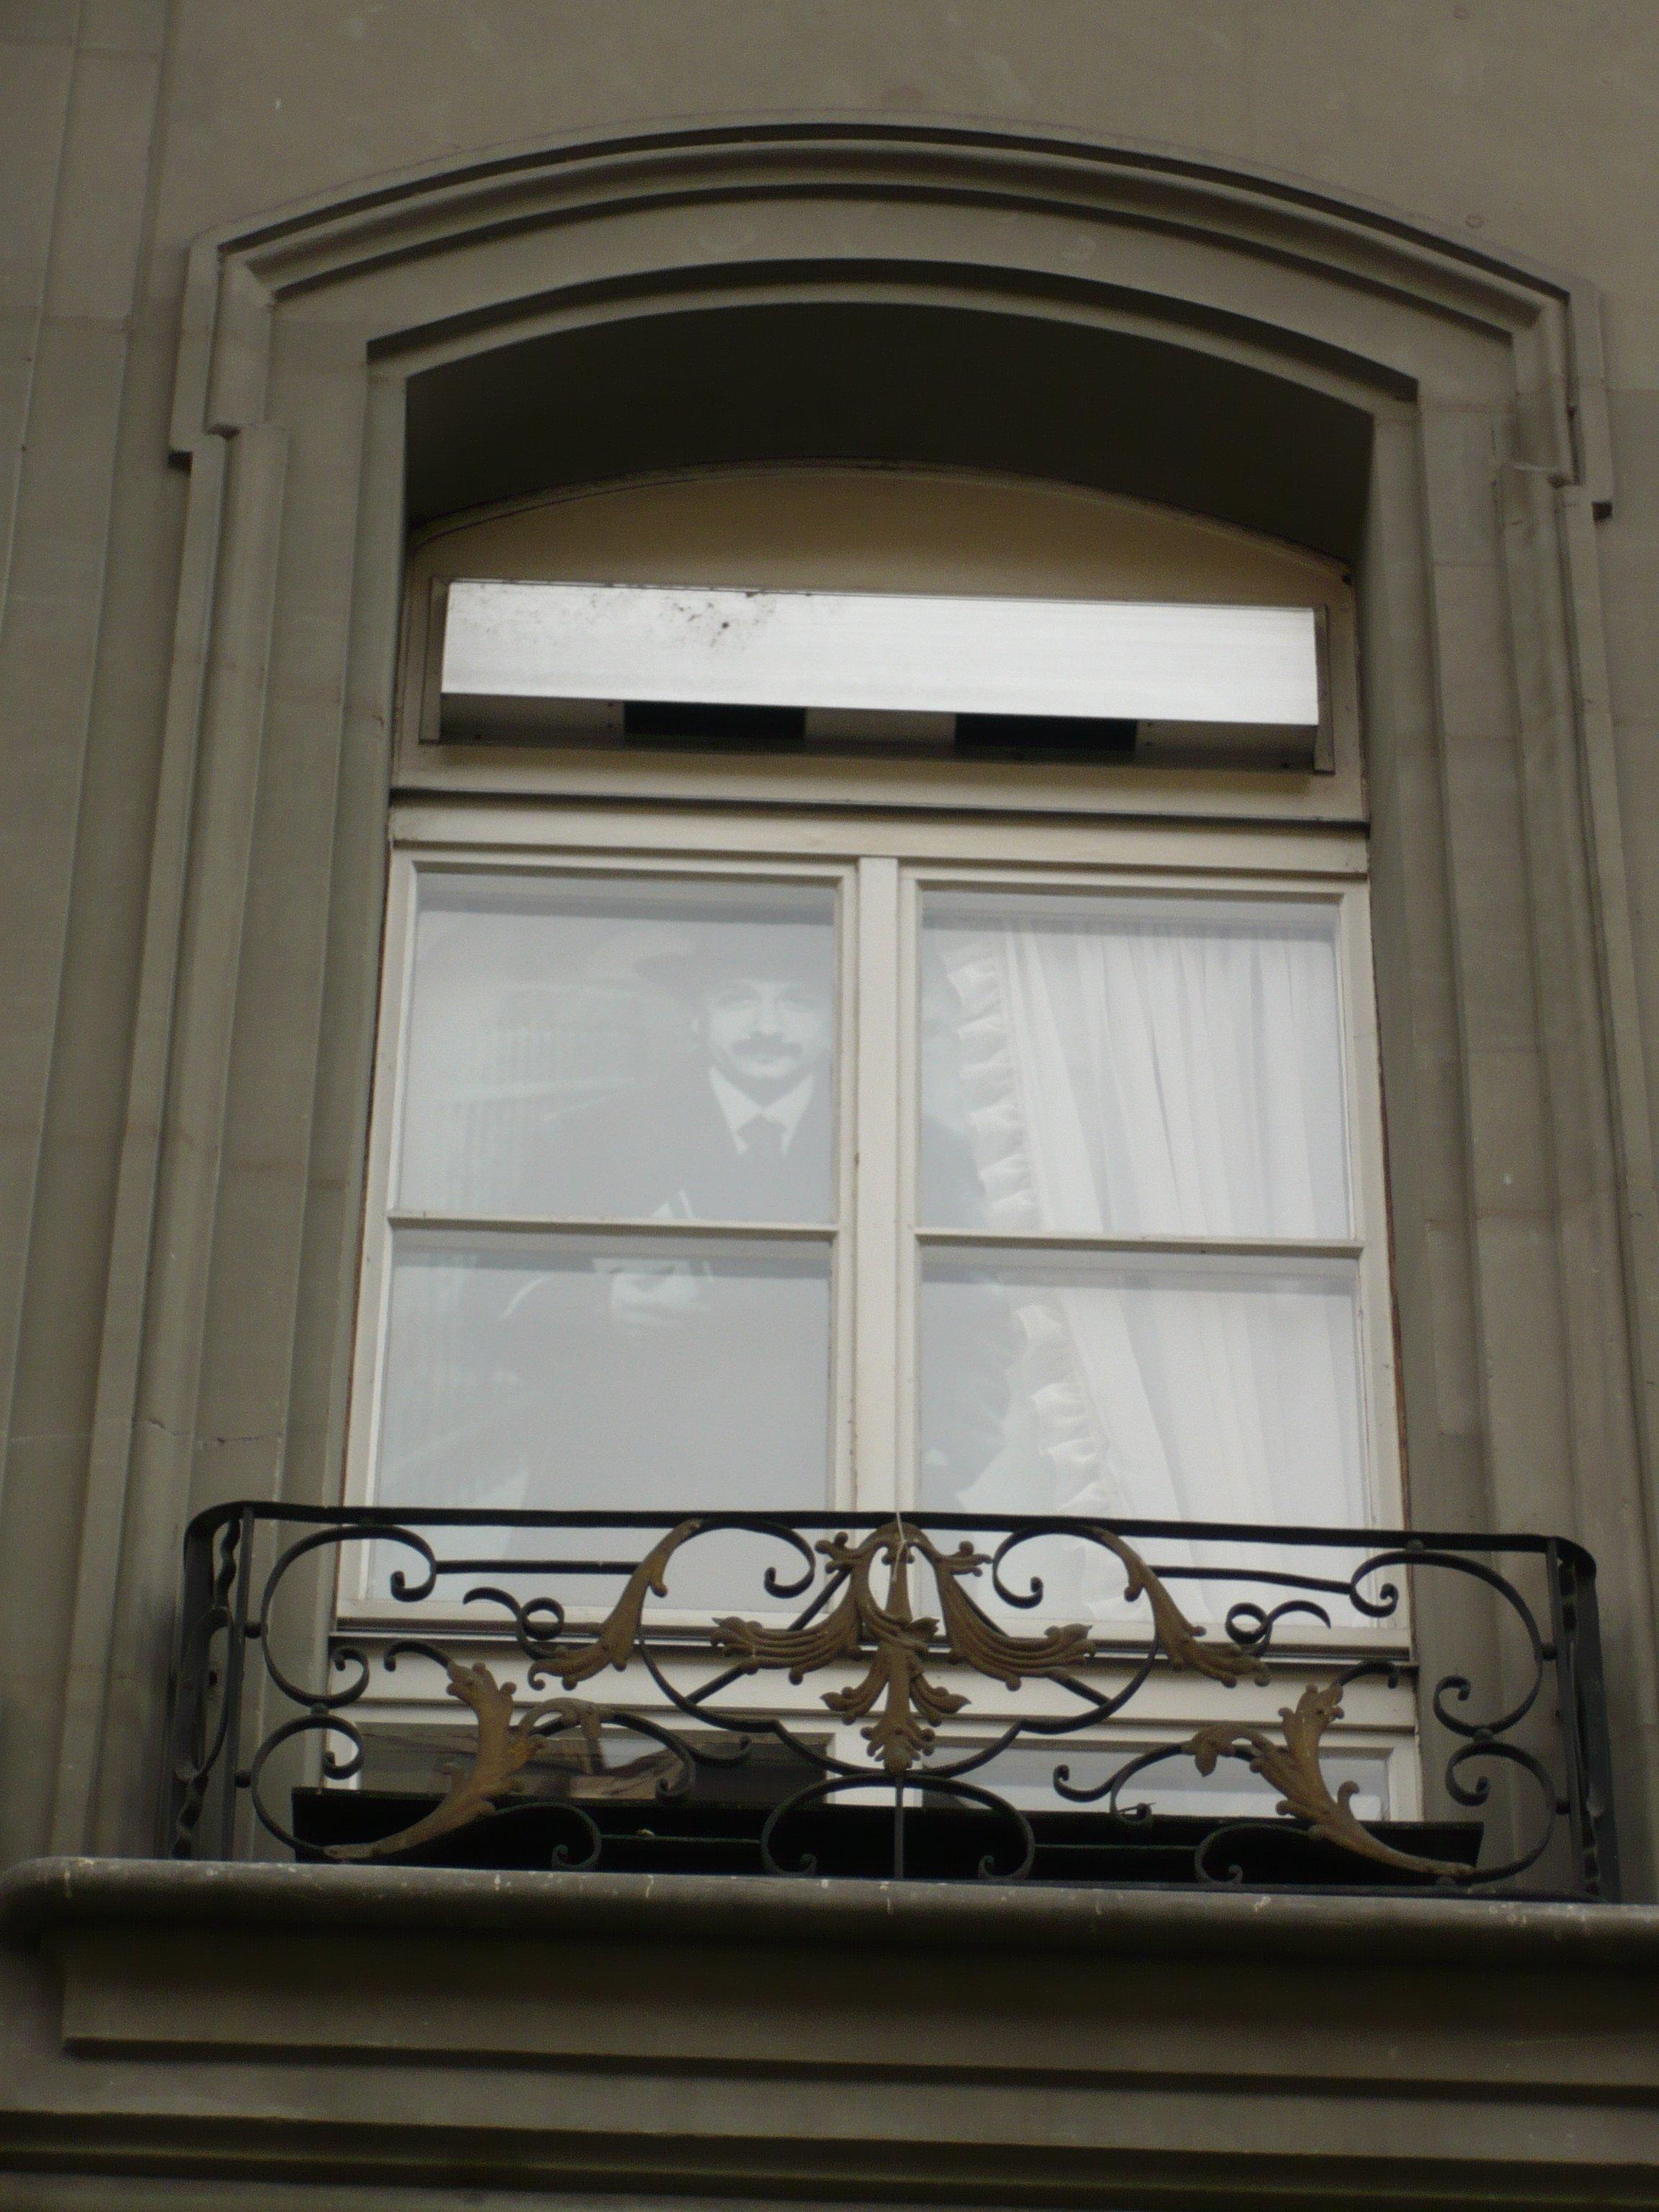 Bern - Albert Einstein is watching you!